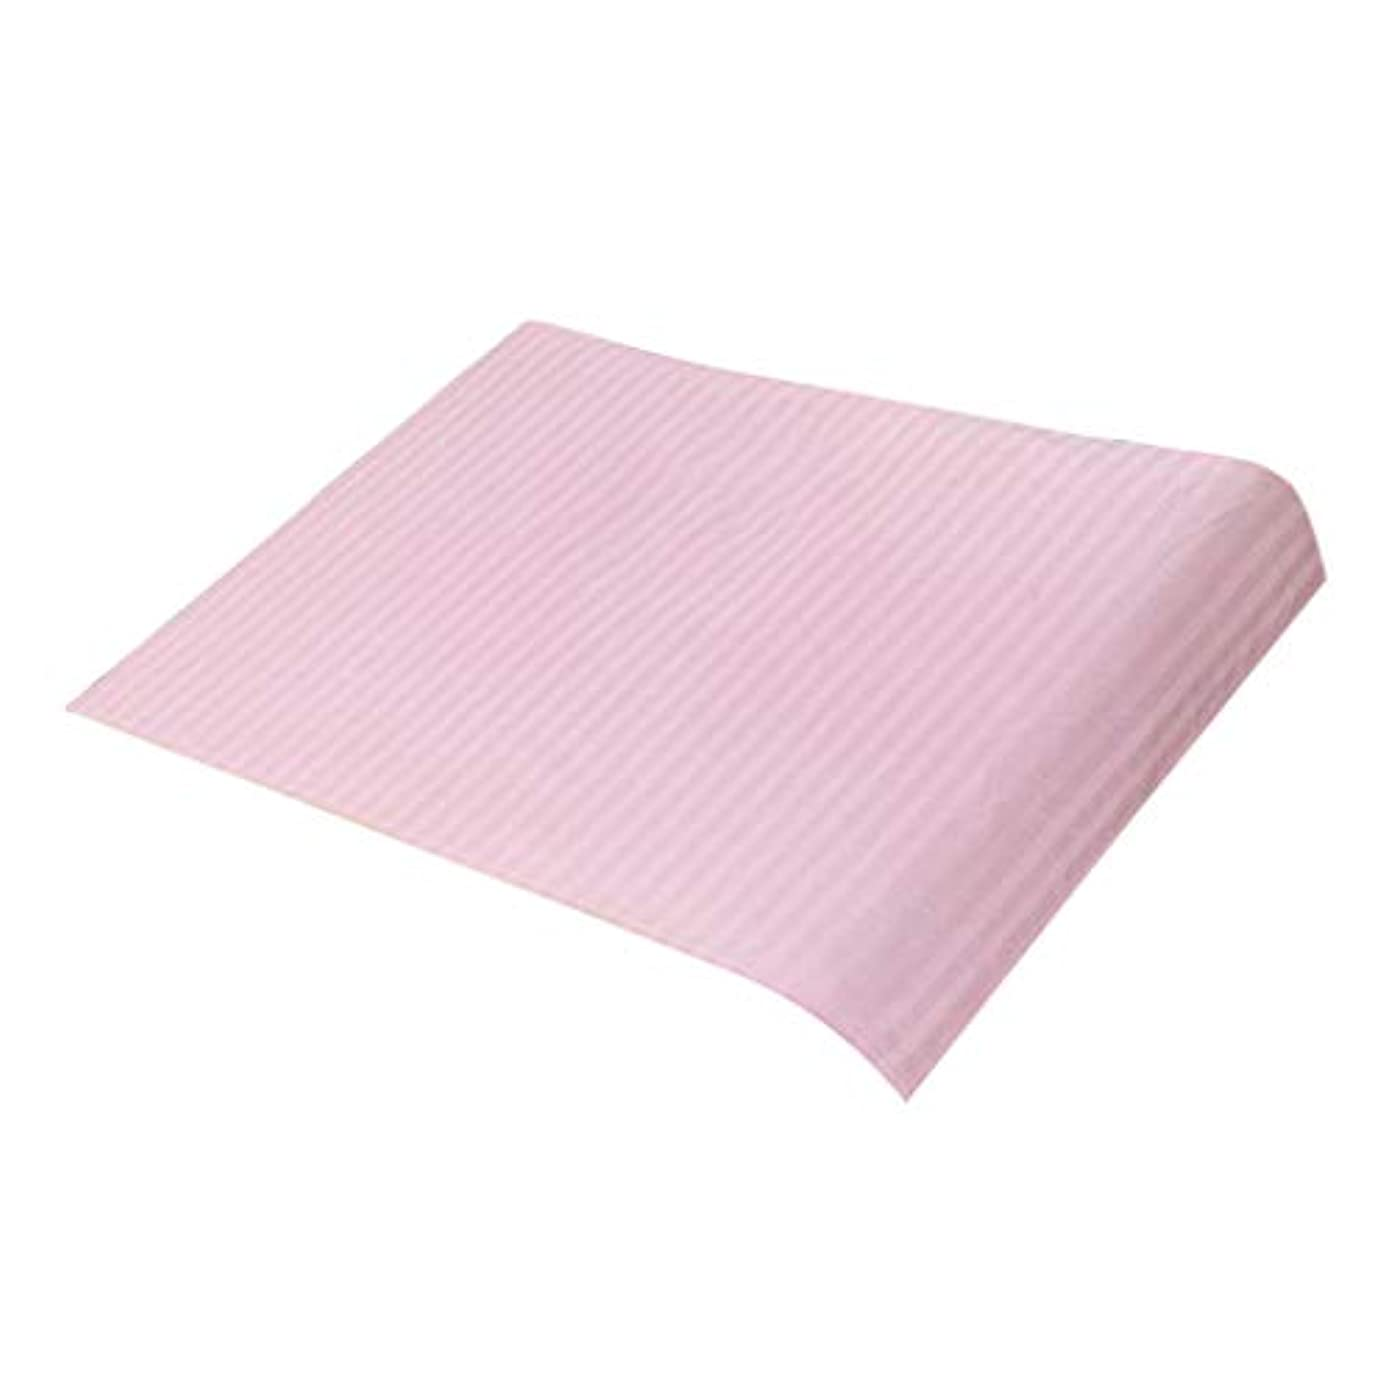 曲げるラインナップ政権SM SunniMix マッサージベッドカバー 美容ベッドカバー スパ マッサージテーブルスカート 綿素材 断面デザイン - ピンク